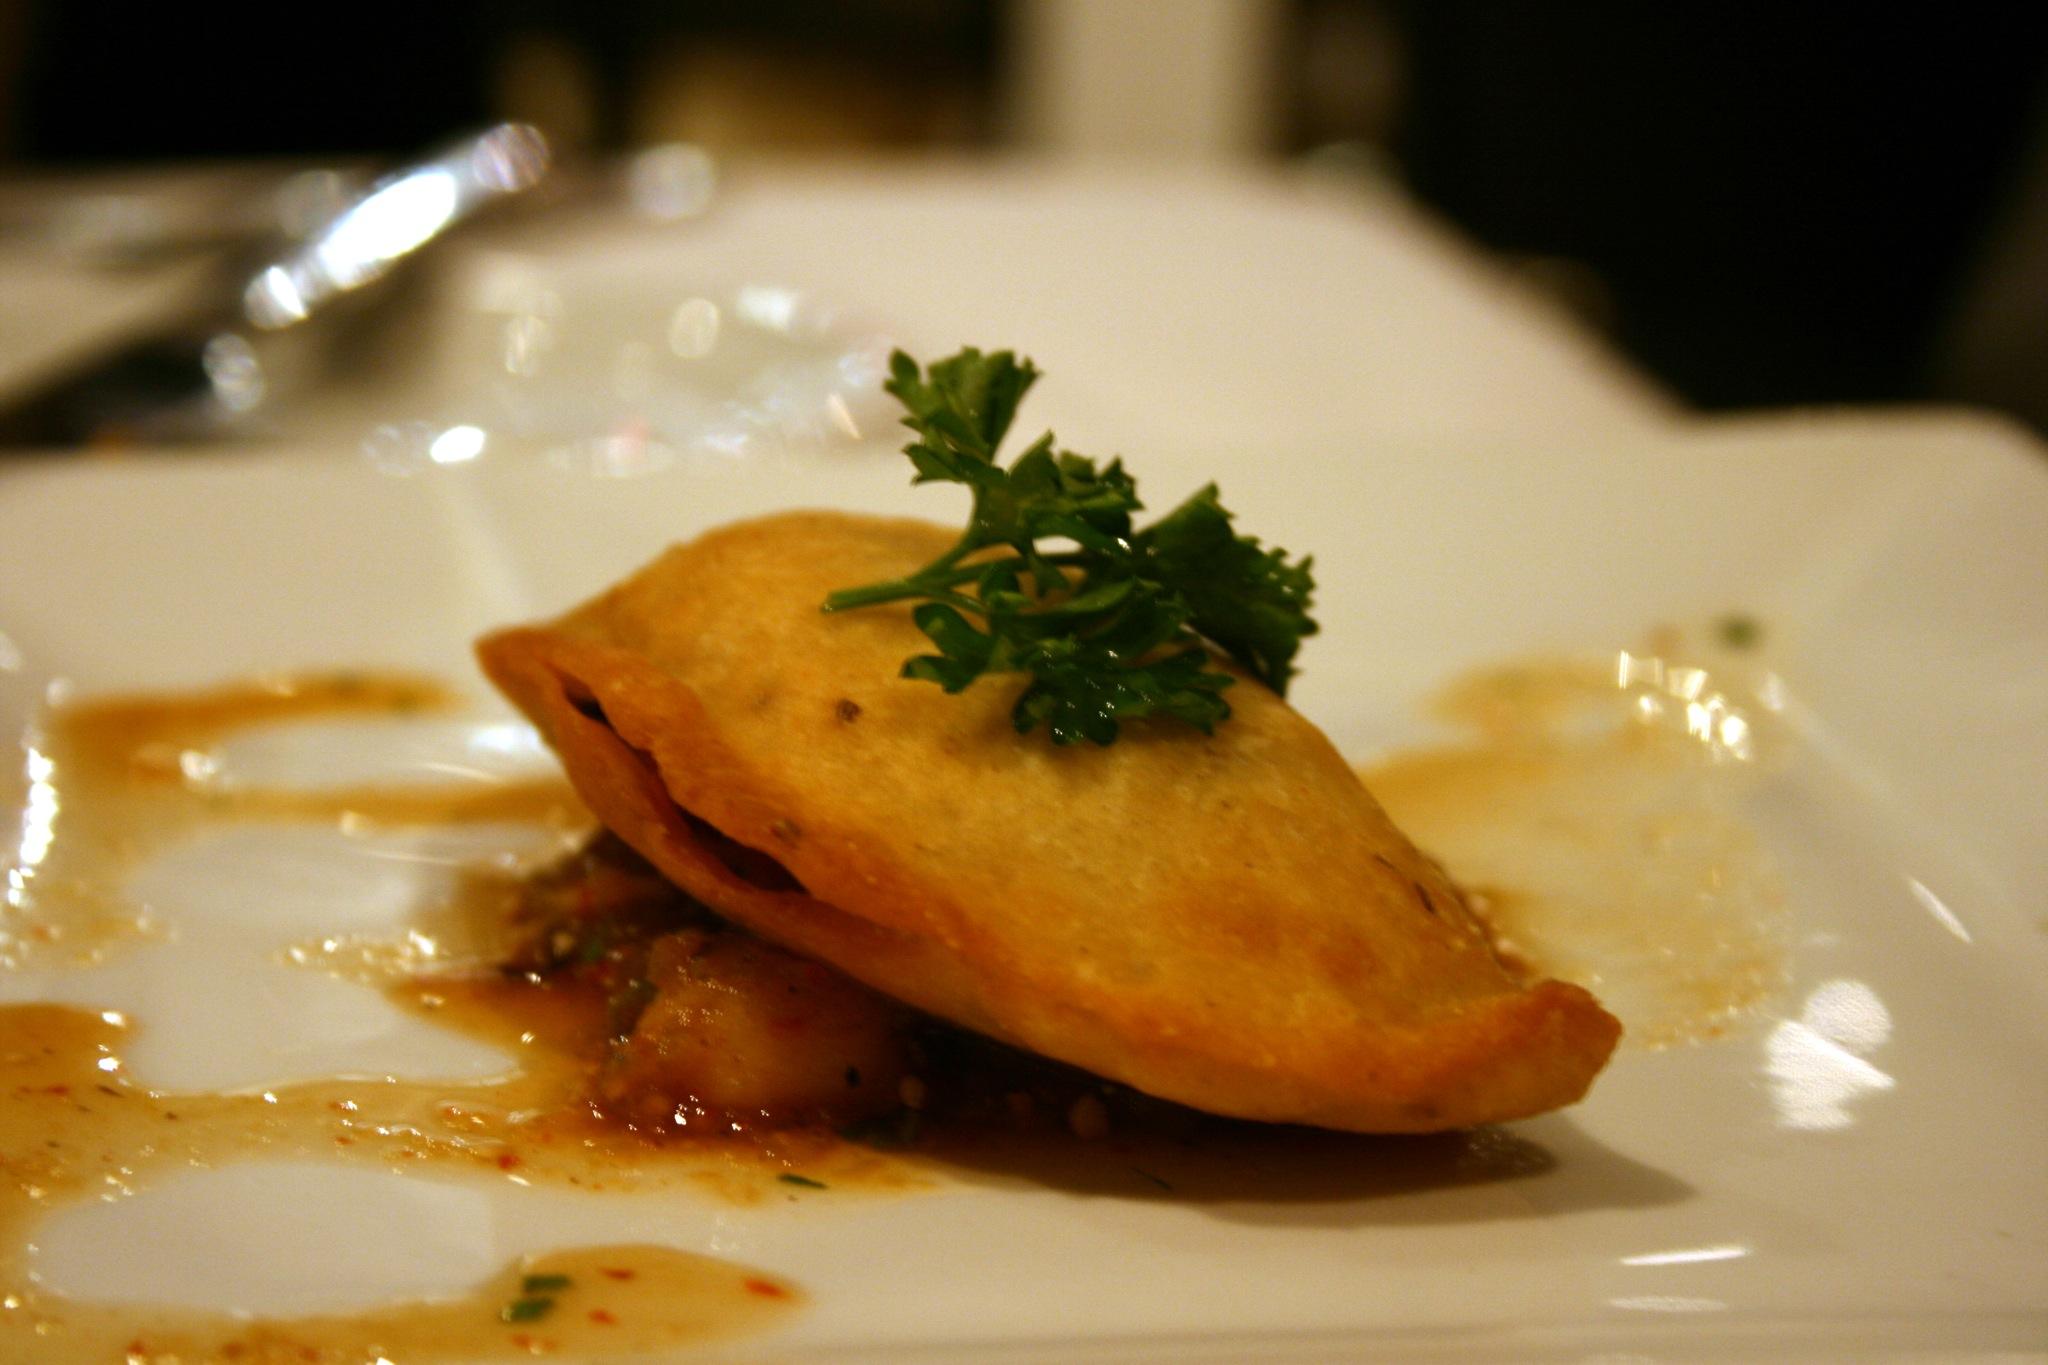 Peach Gujiya - An Indian Empanada Or Deep Fried Pie Recipes ...